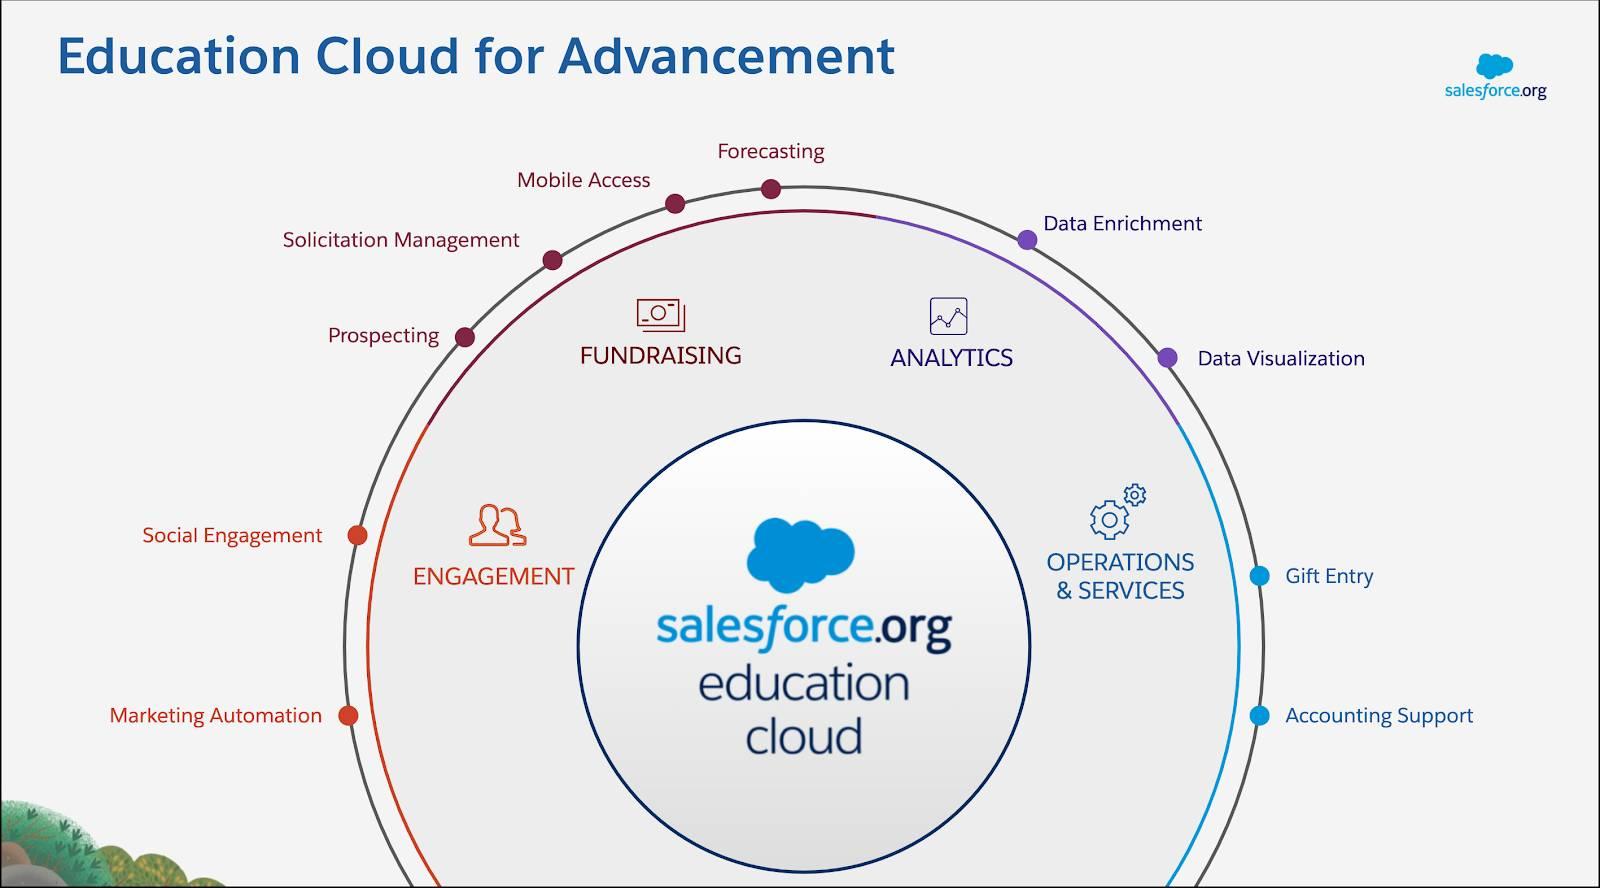 Education Cloud は、エンゲージメント、資金調達、分析、運営 & サービスのツールによってアドバンスメントの取り組みをサポートします。